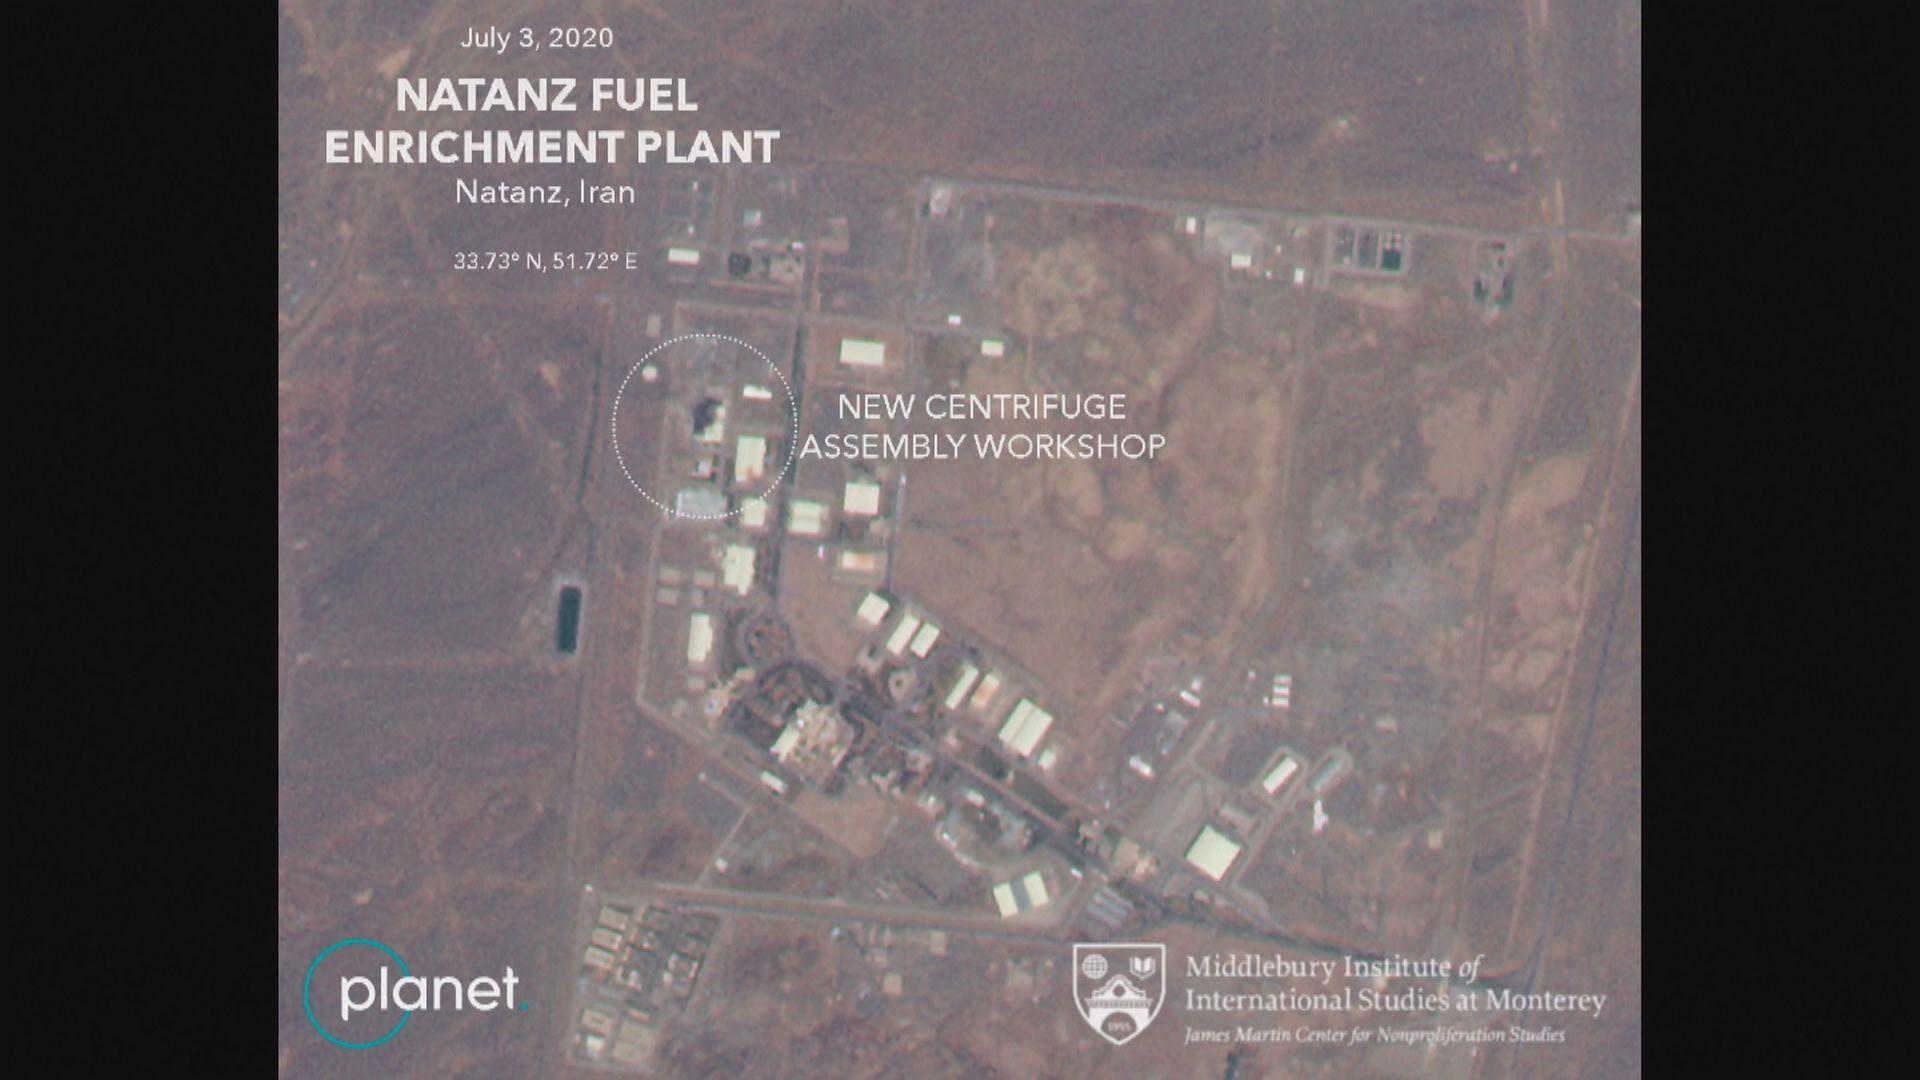 伊朗稱已查明納坦茲核設施起火原因